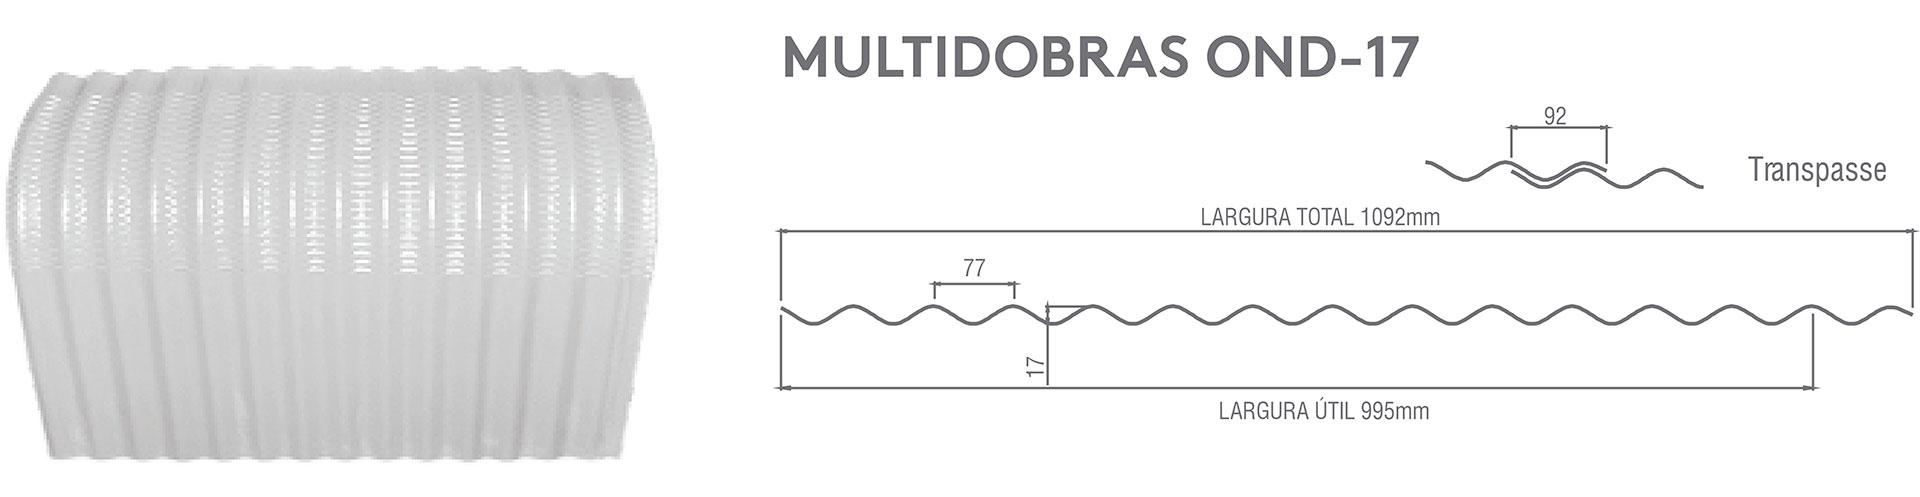 multidobras-ond-17.jpg